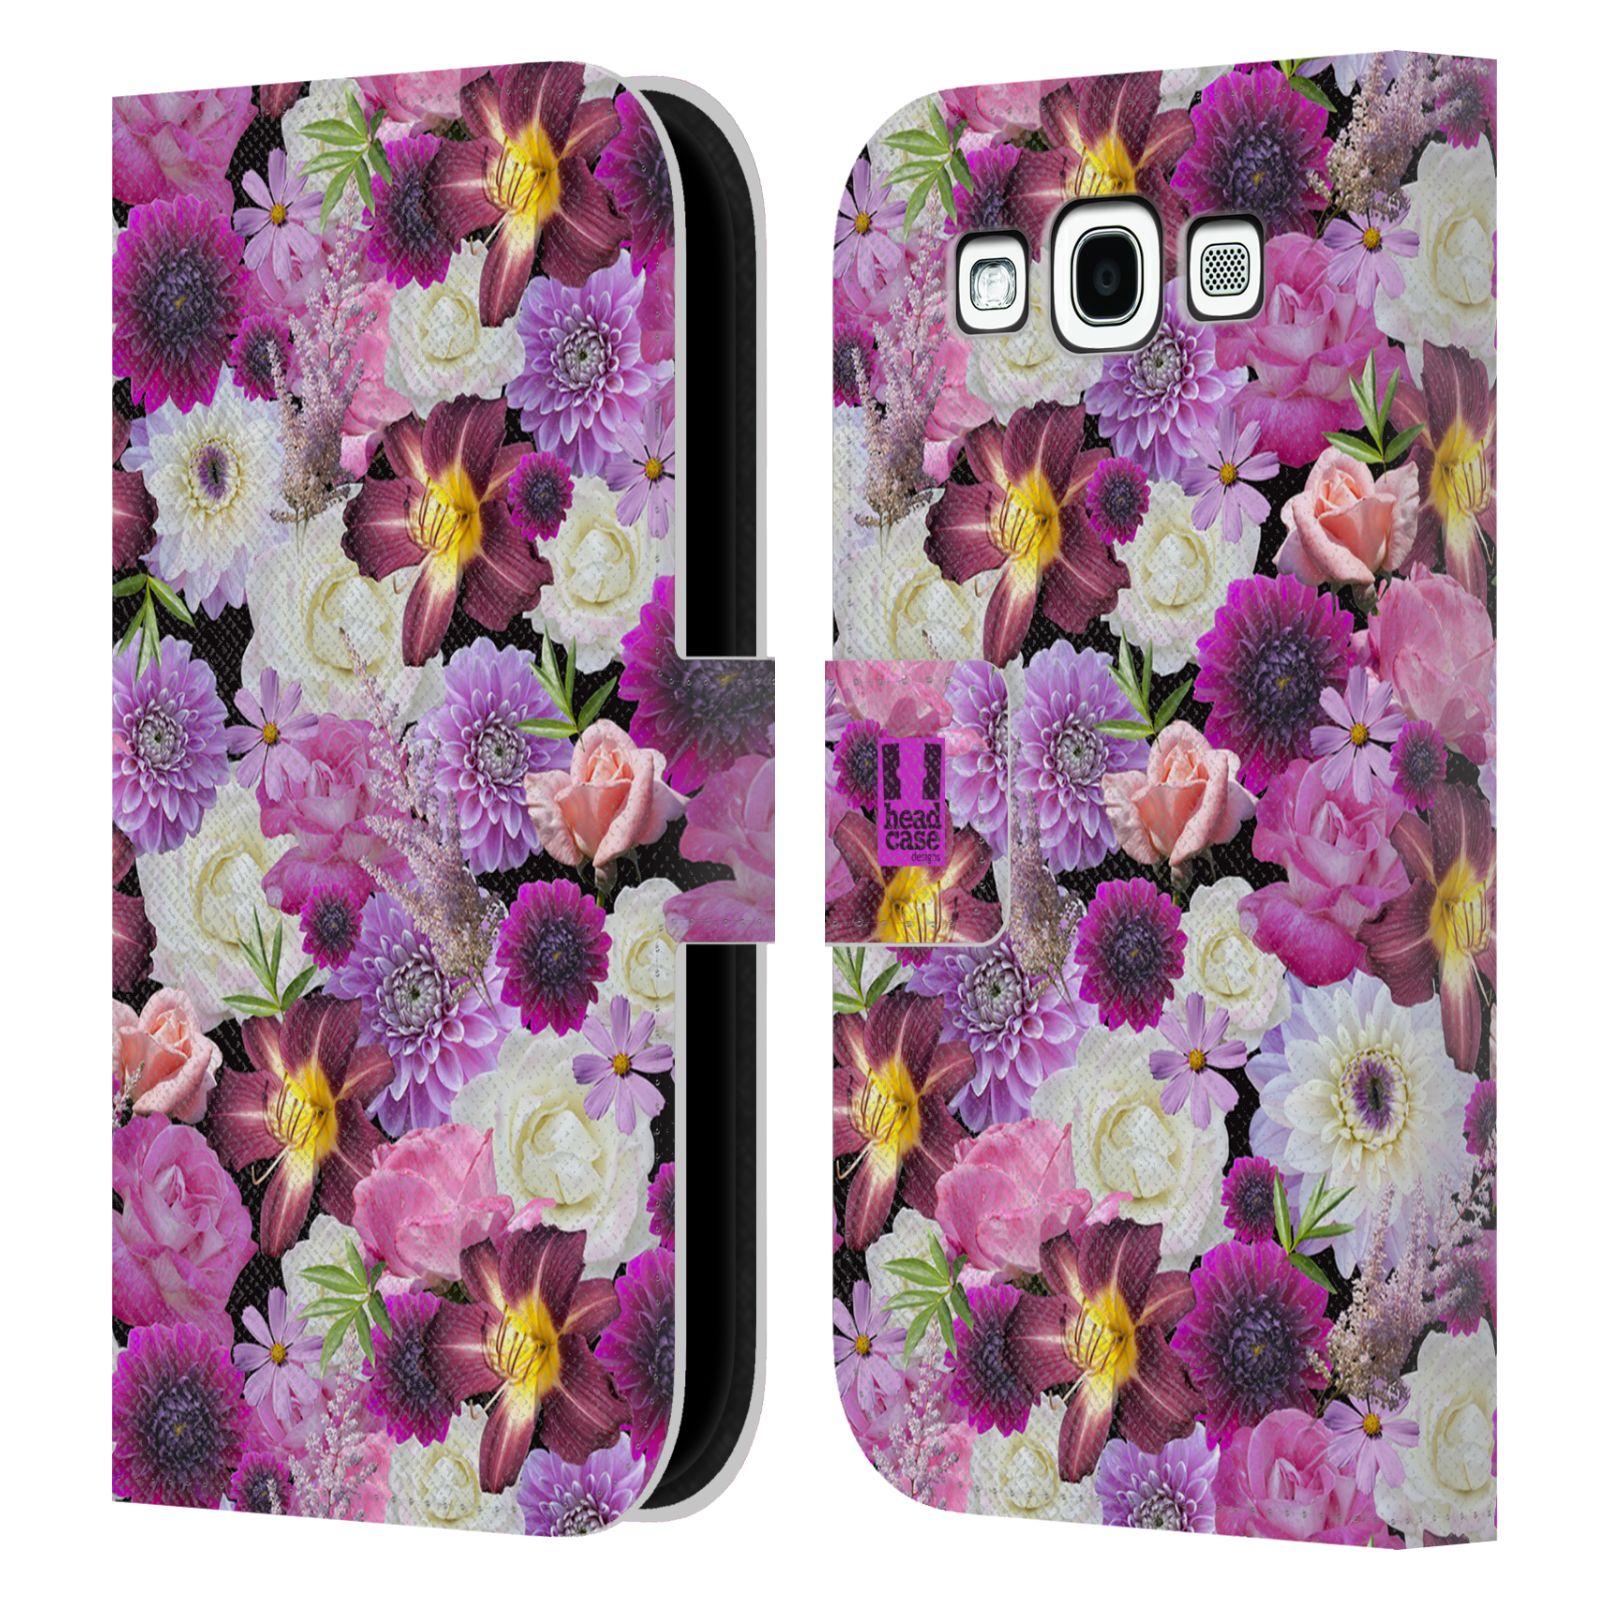 HEAD CASE Flipové pouzdro pro mobil Samsung Galaxy S3 květy foto fialová a bílá